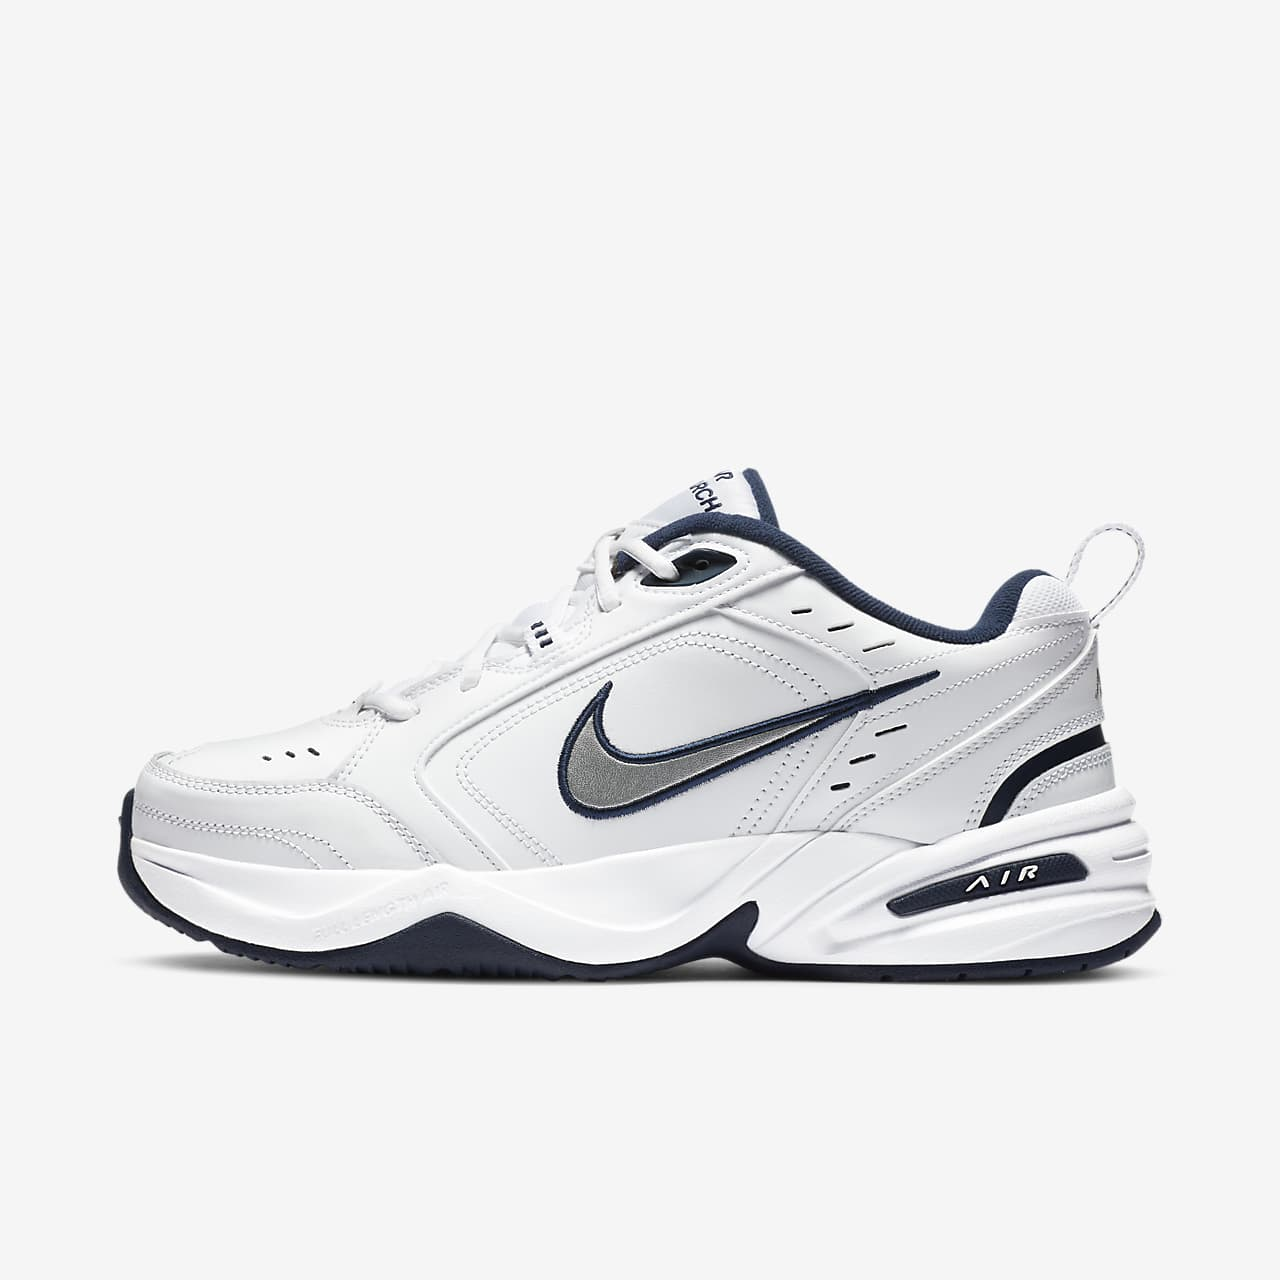 7e6e3f415563a Nike Air Monarch IV Zapatillas de lifestyle y para el gimnasio. Nike ...